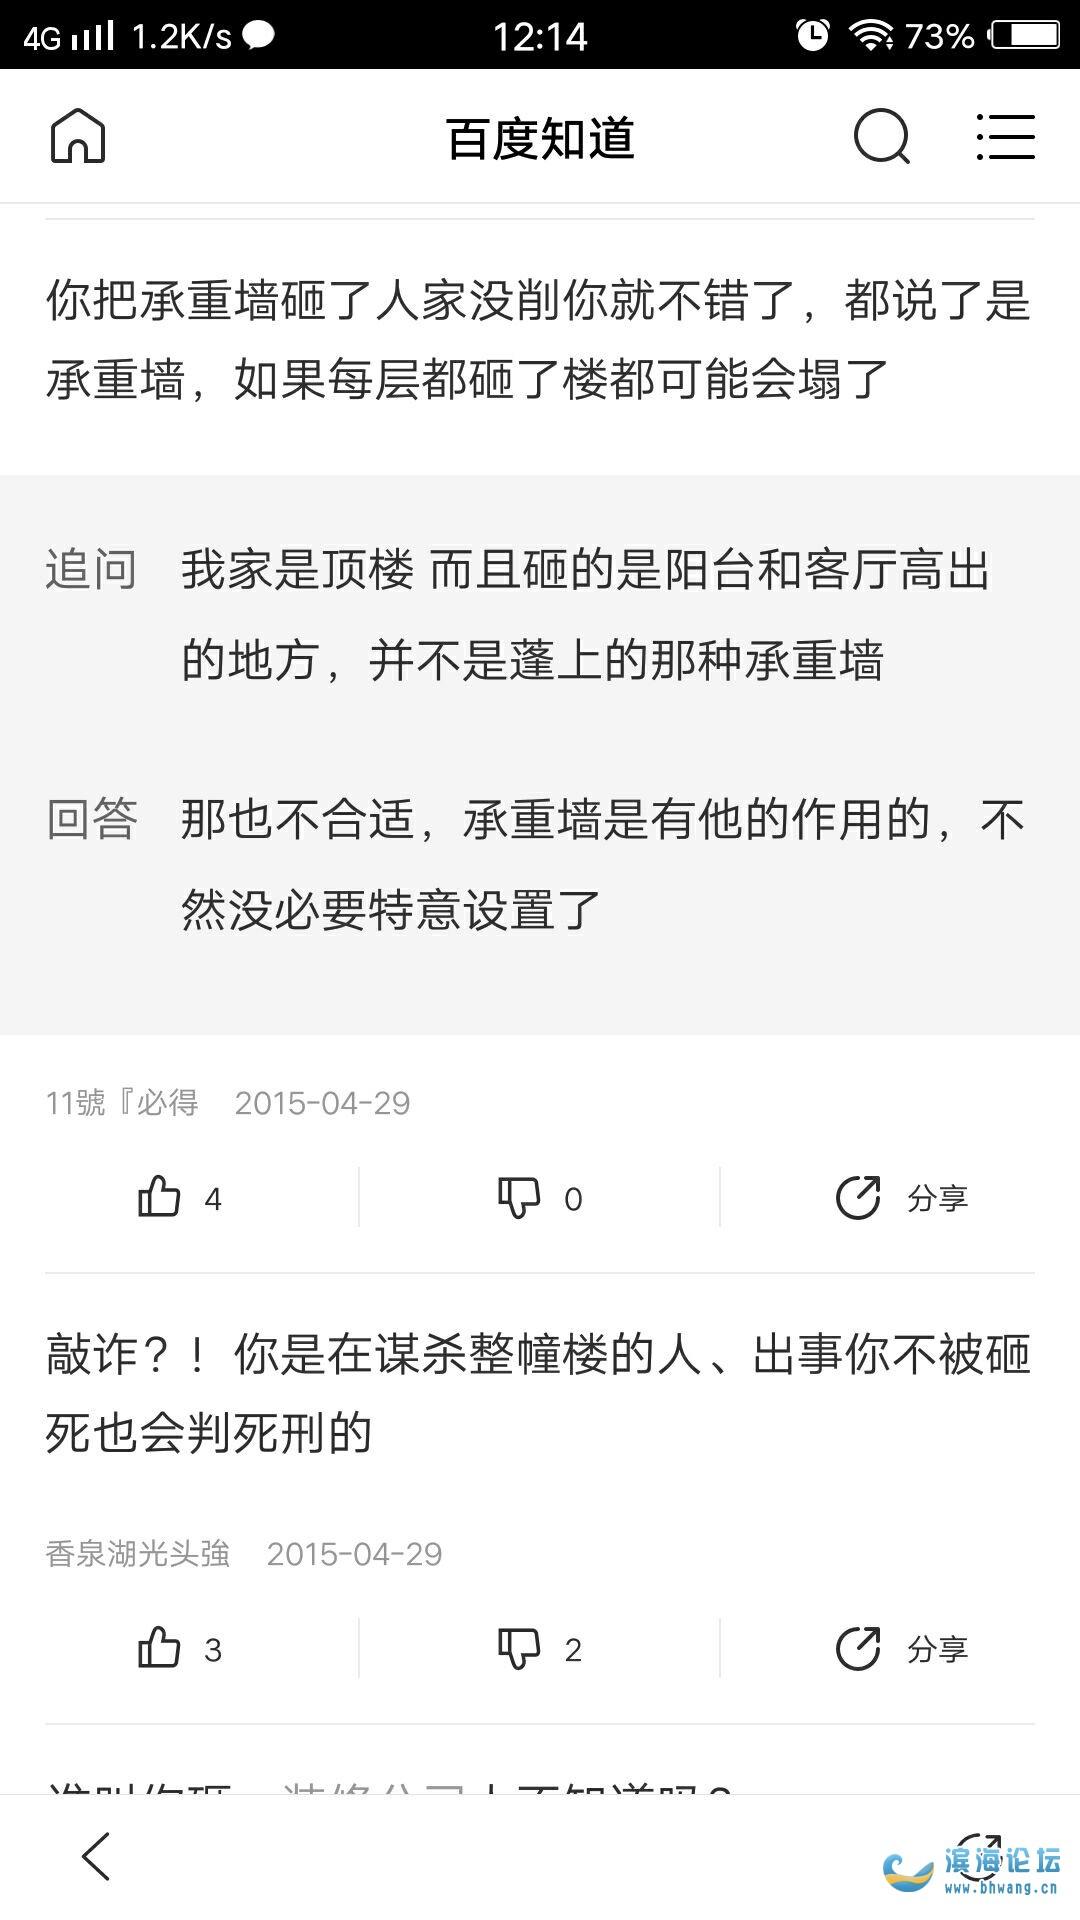 昌伟城市花园【高生会事件】普及知识【猛料】